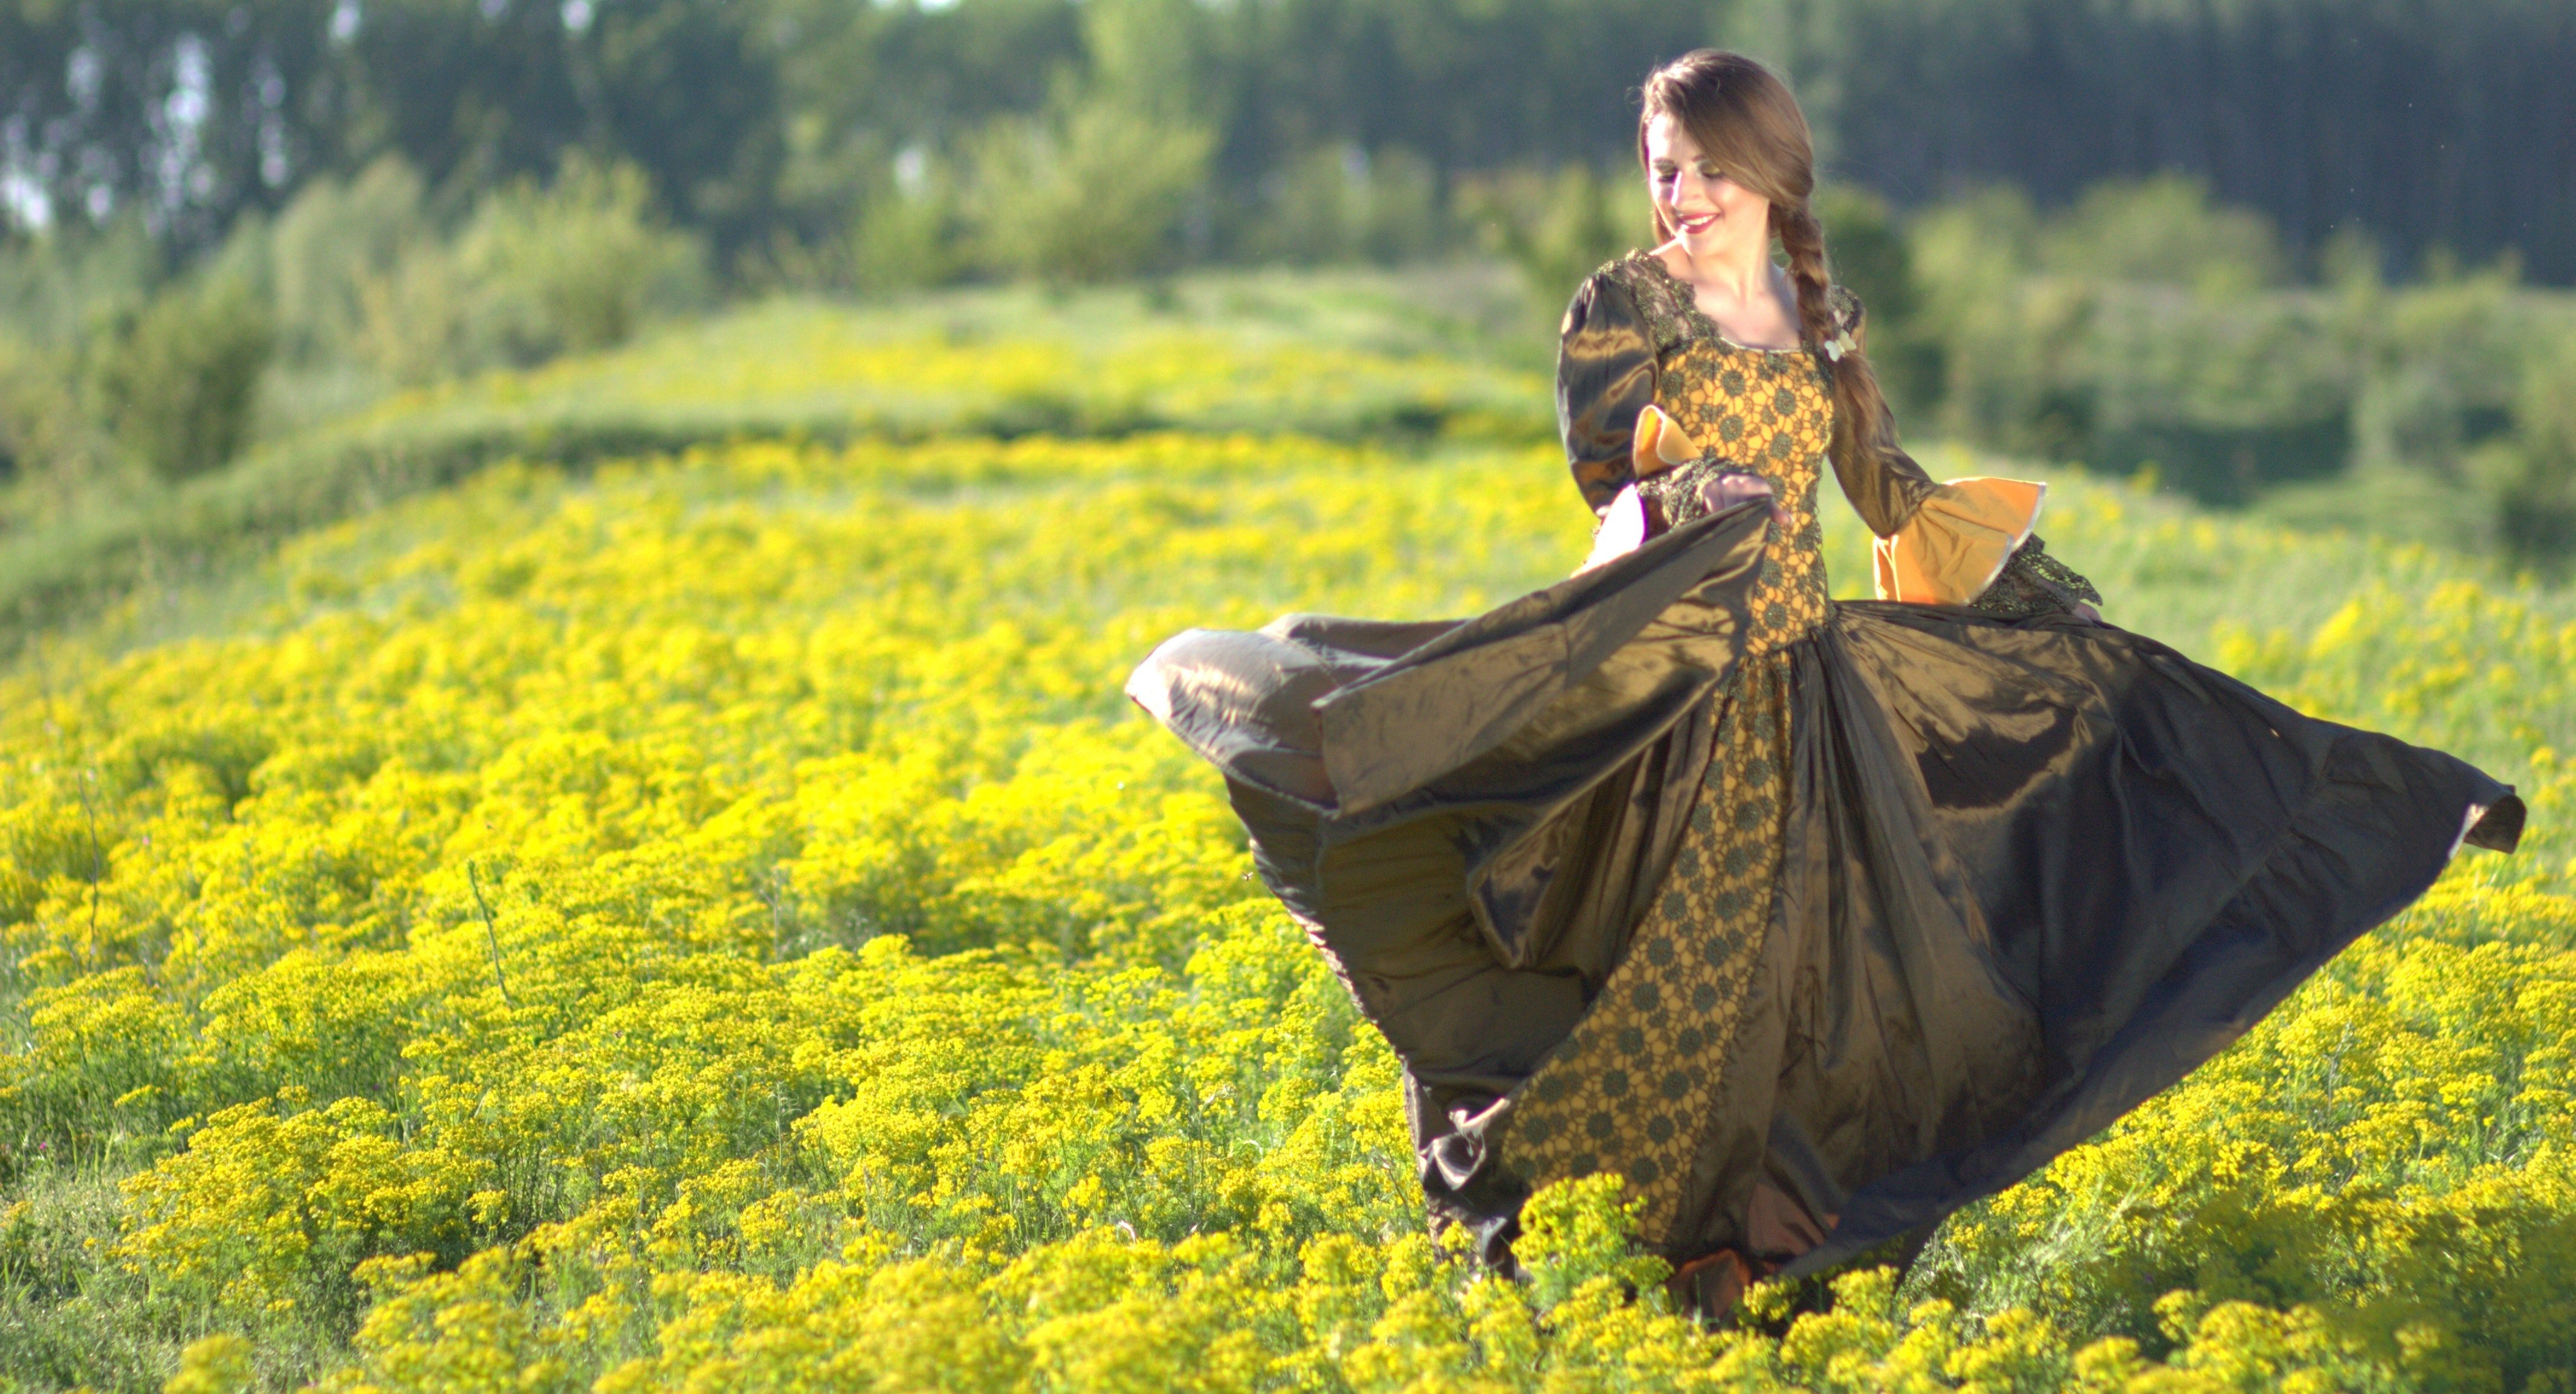 beautiful-countryside-dress-163508